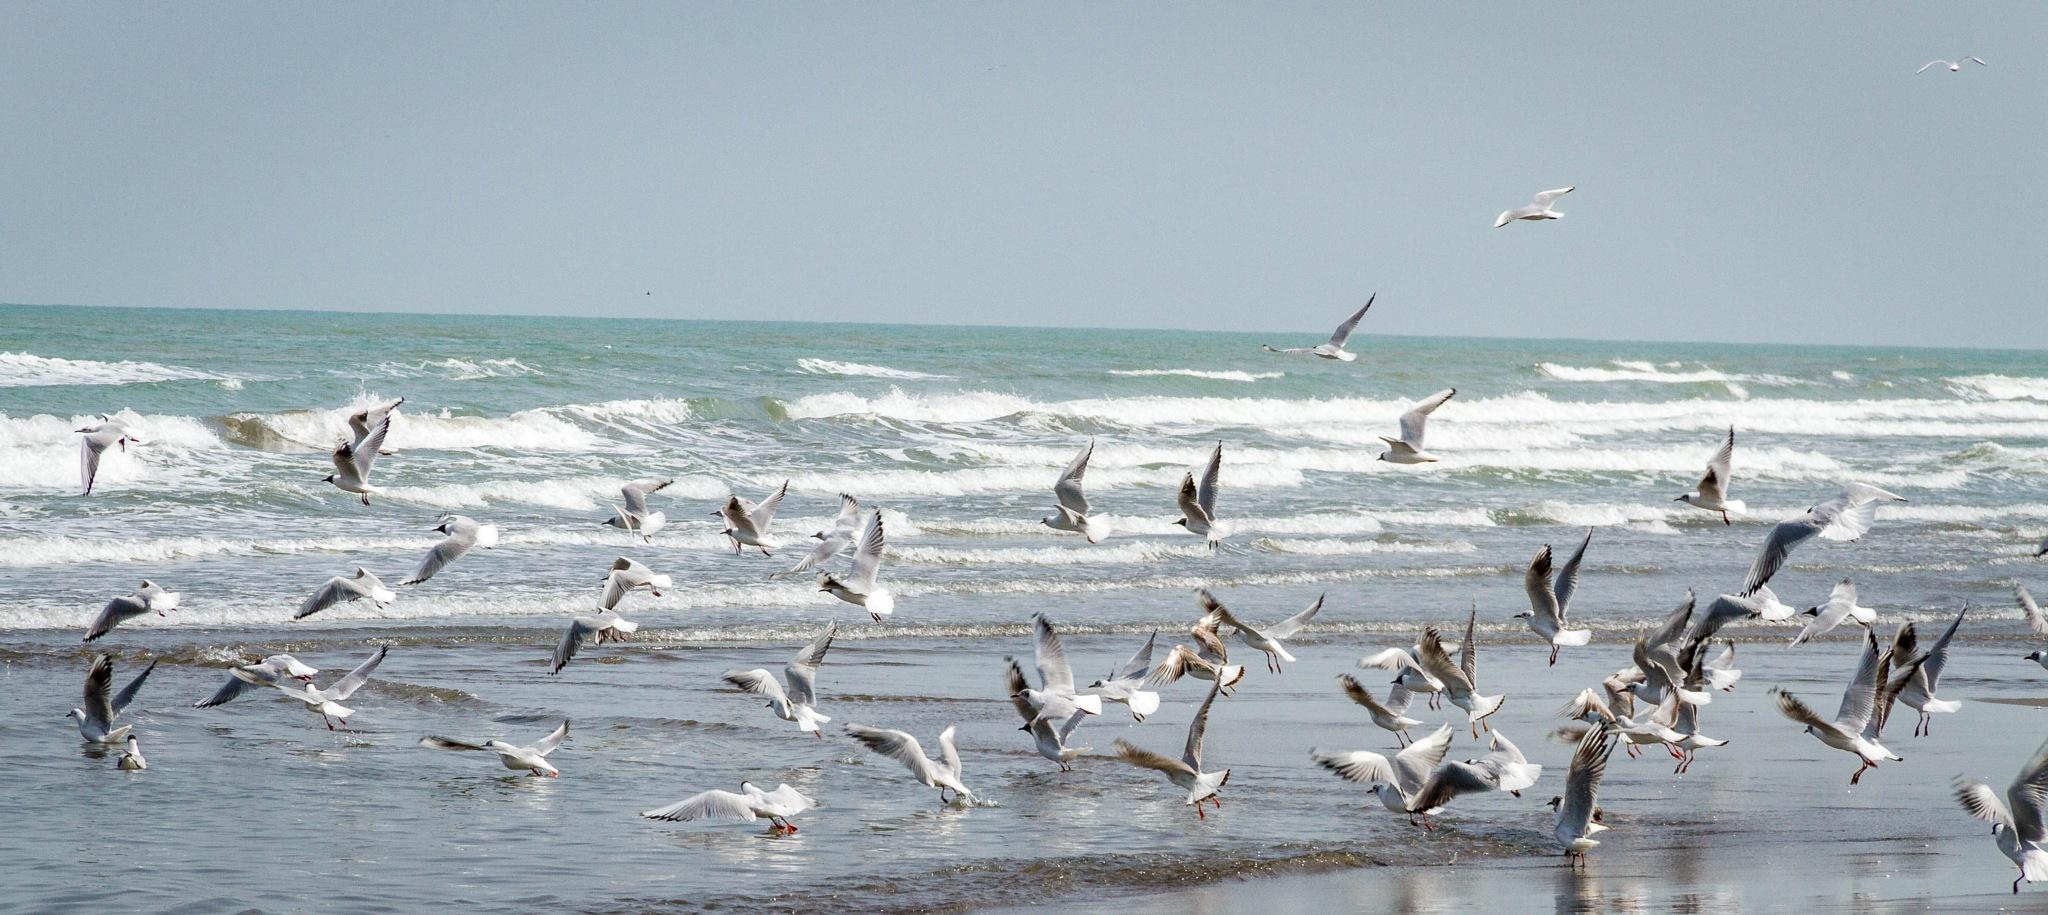 free as a bird by AminDogoonchi